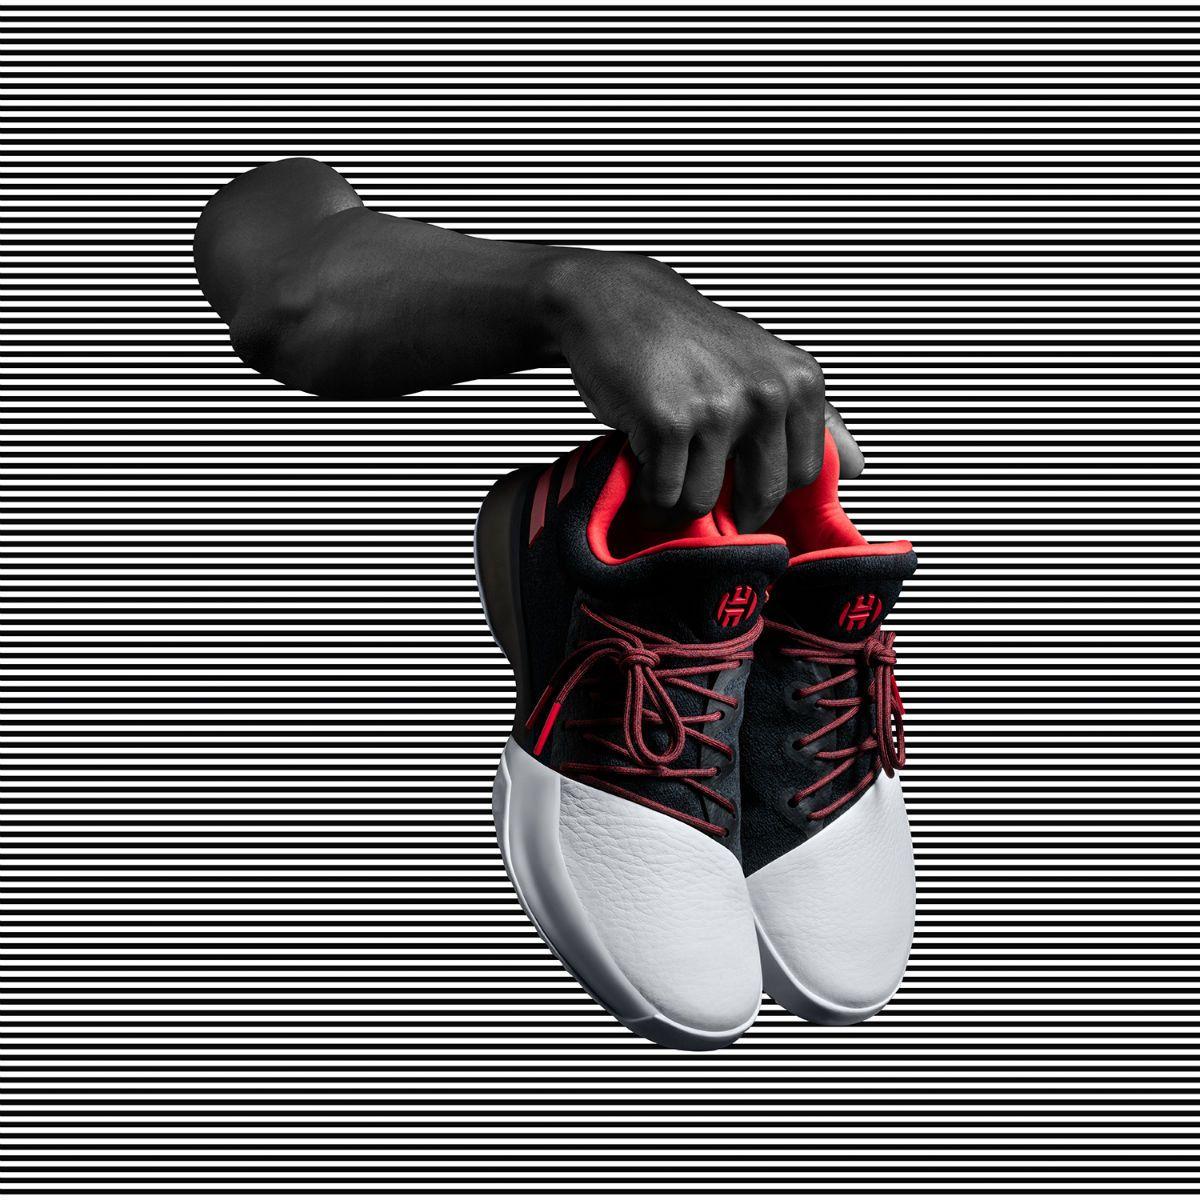 Adidas J Harden 1 Pioneer frente bw0546 adidas Basketball